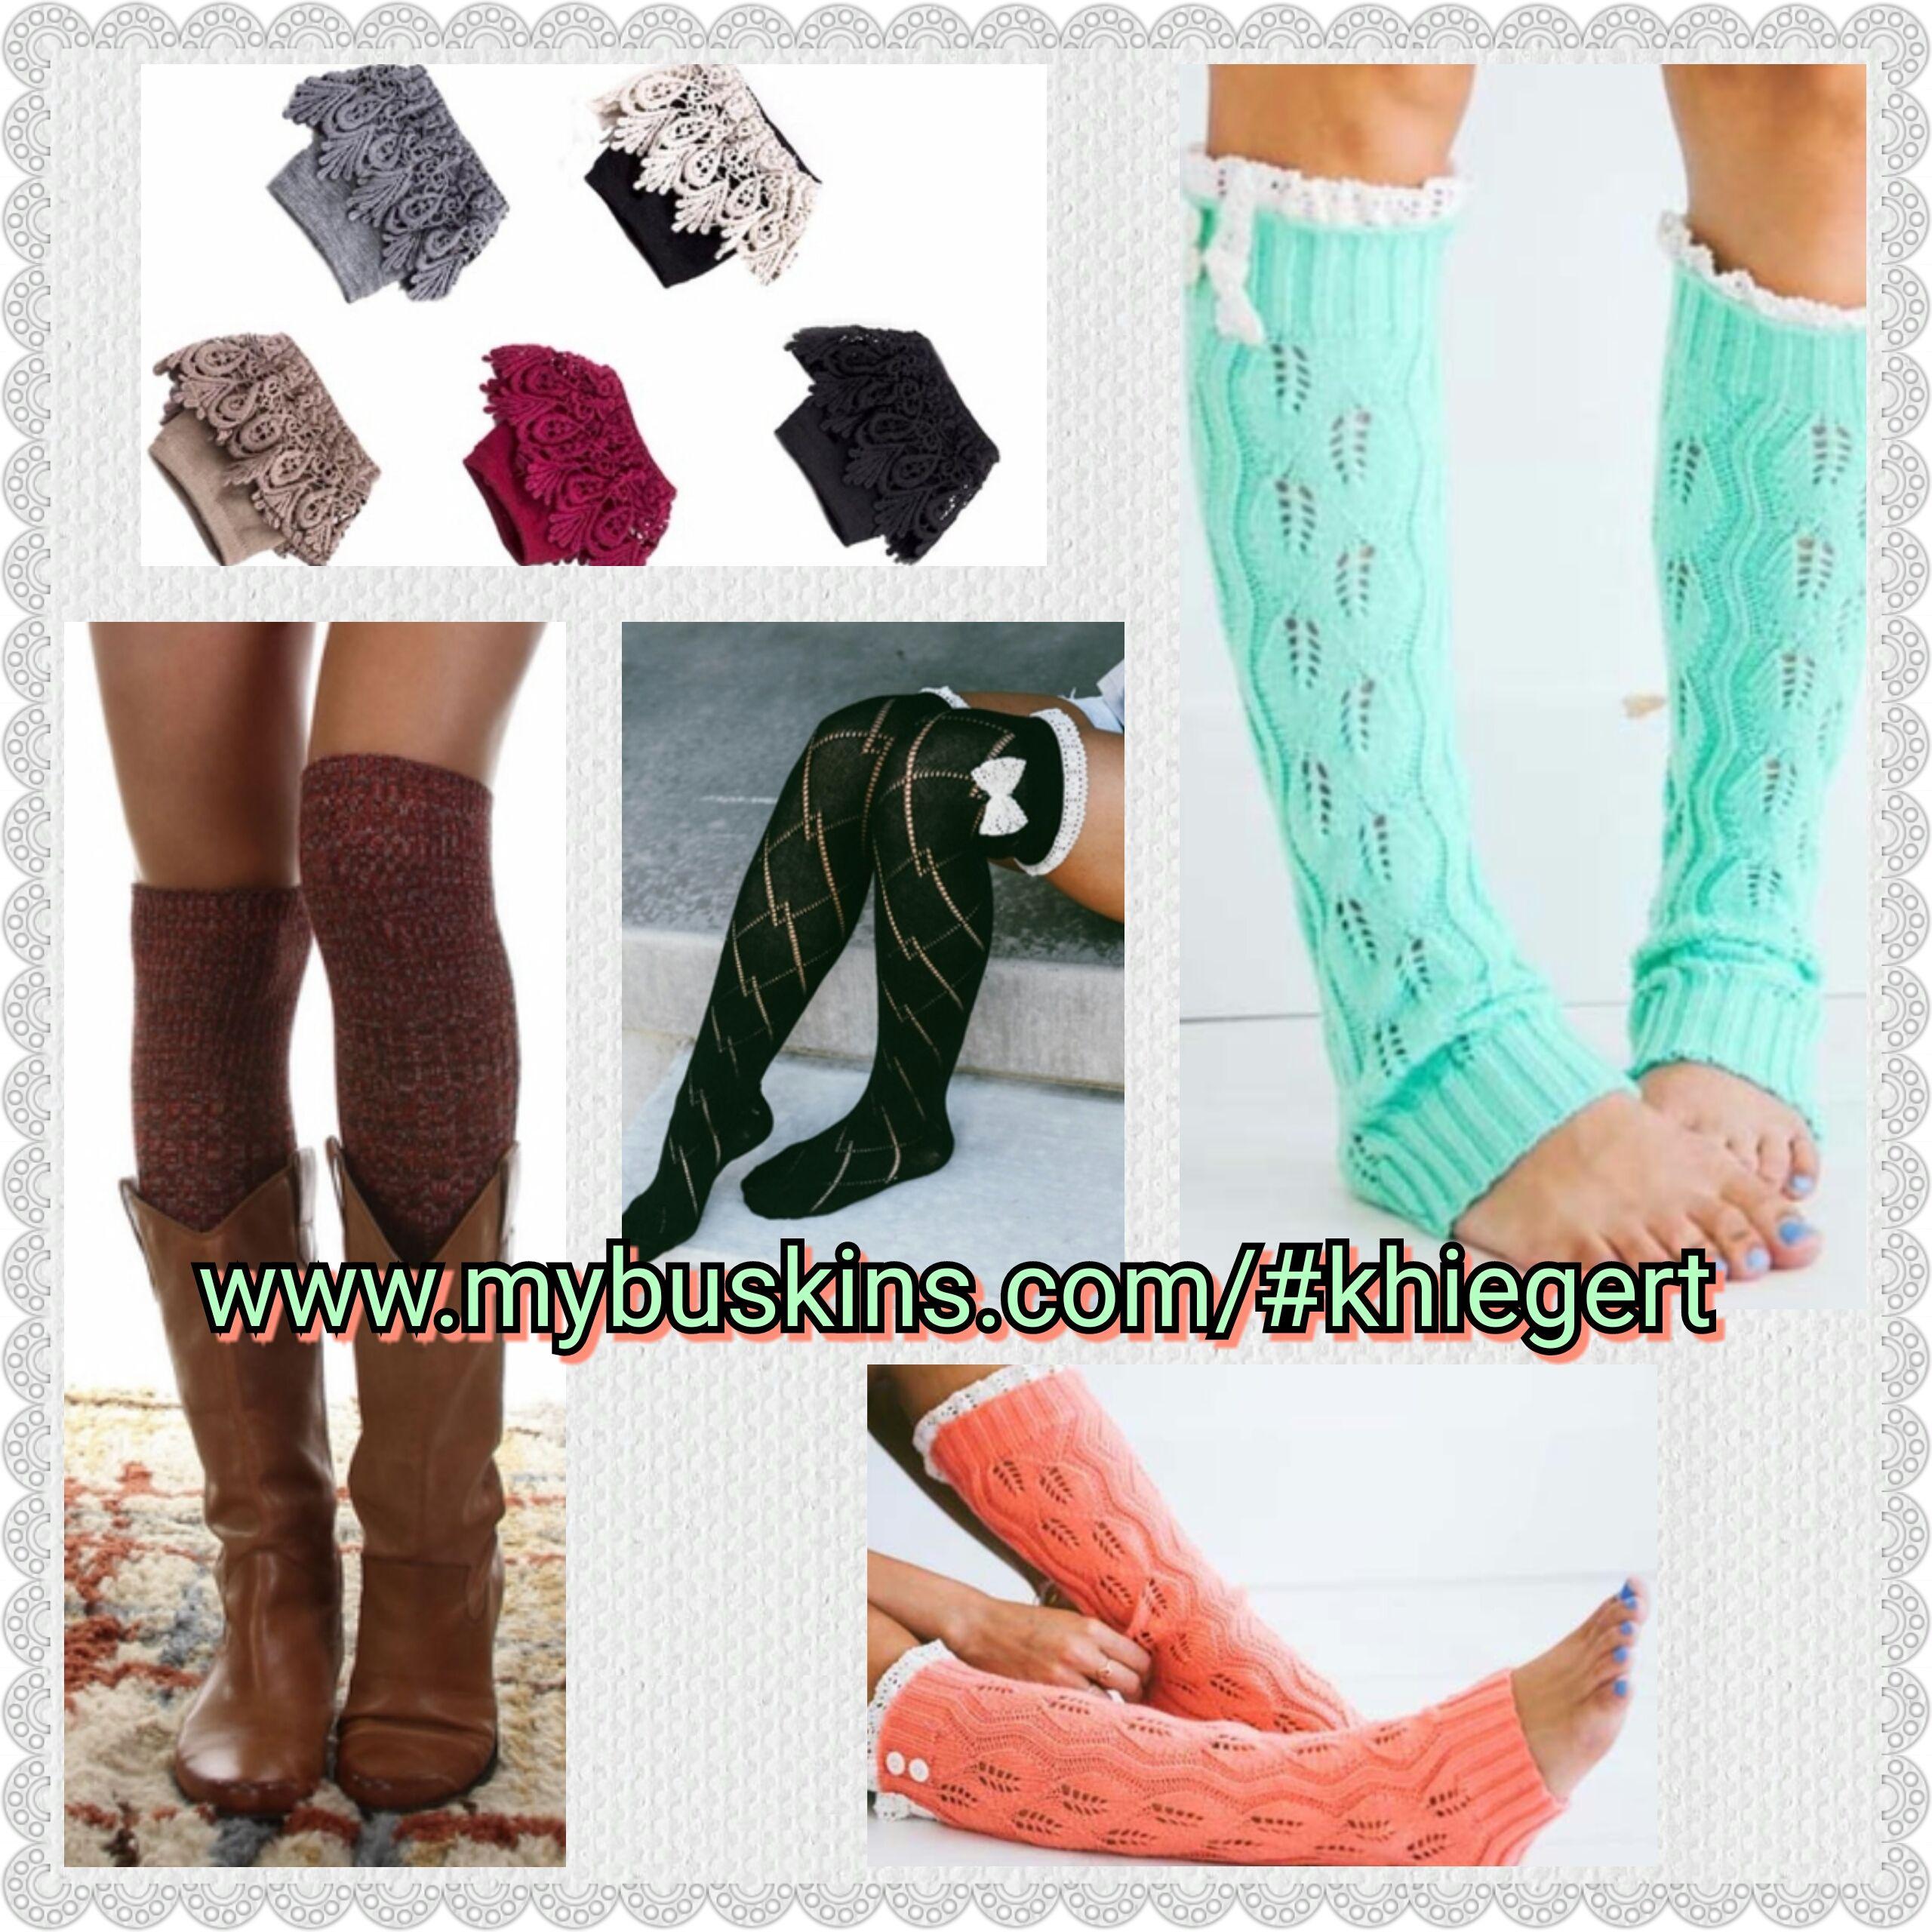 Women's boot socks and cuffs! khiegert.mybuskins.com